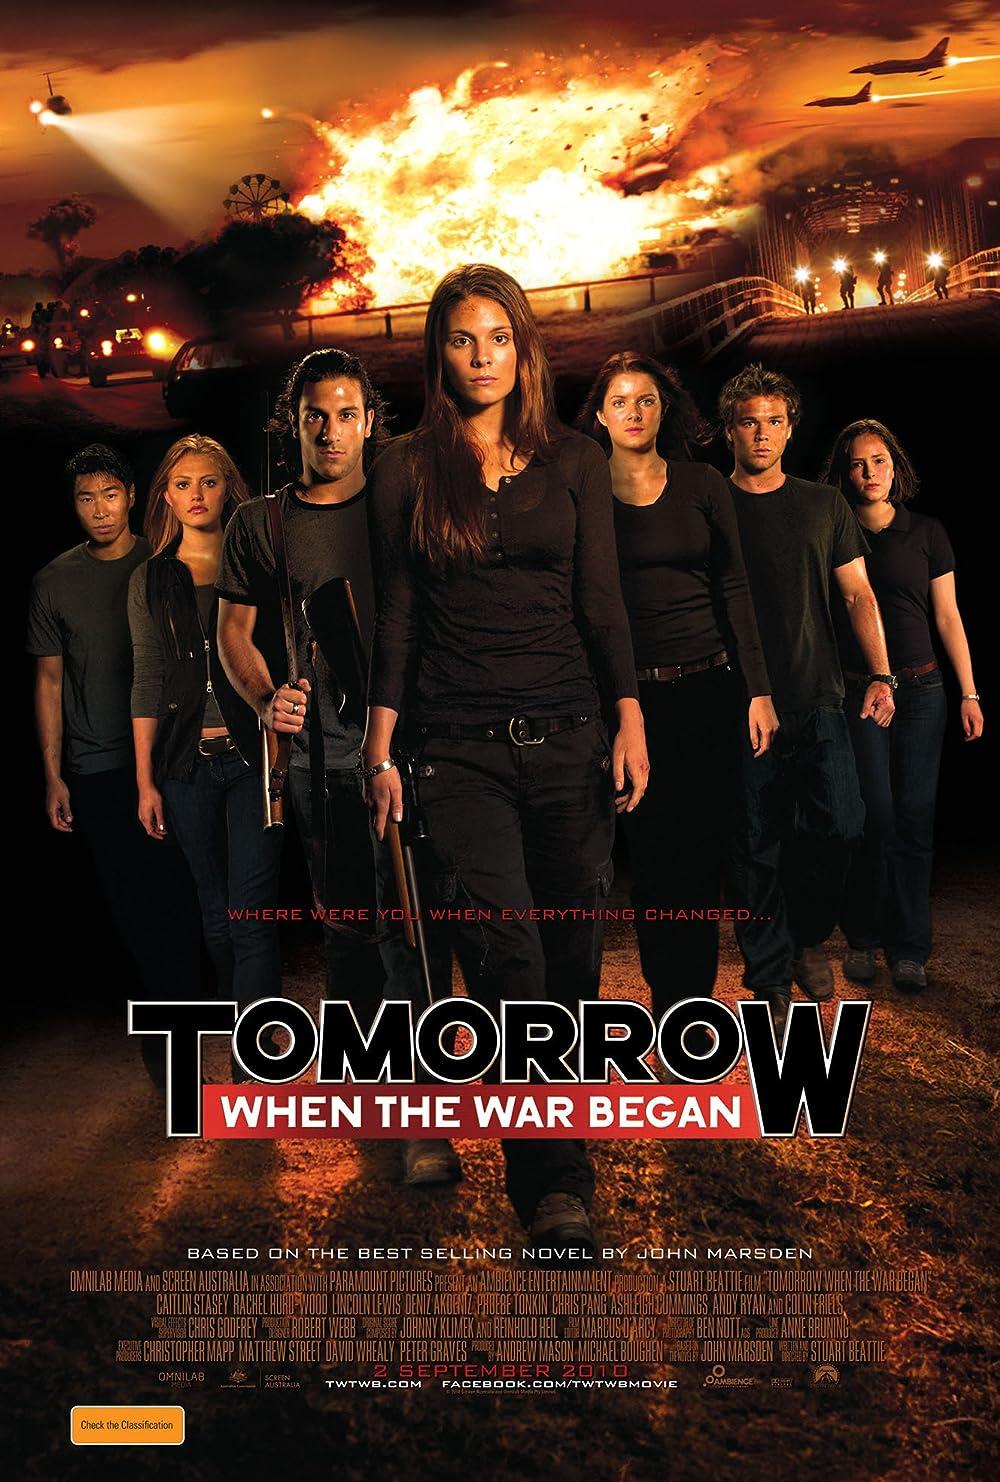 Tomorrow When the War Began 2010 Hindi Dual Audio 720p | 480p BRip x264 Esub